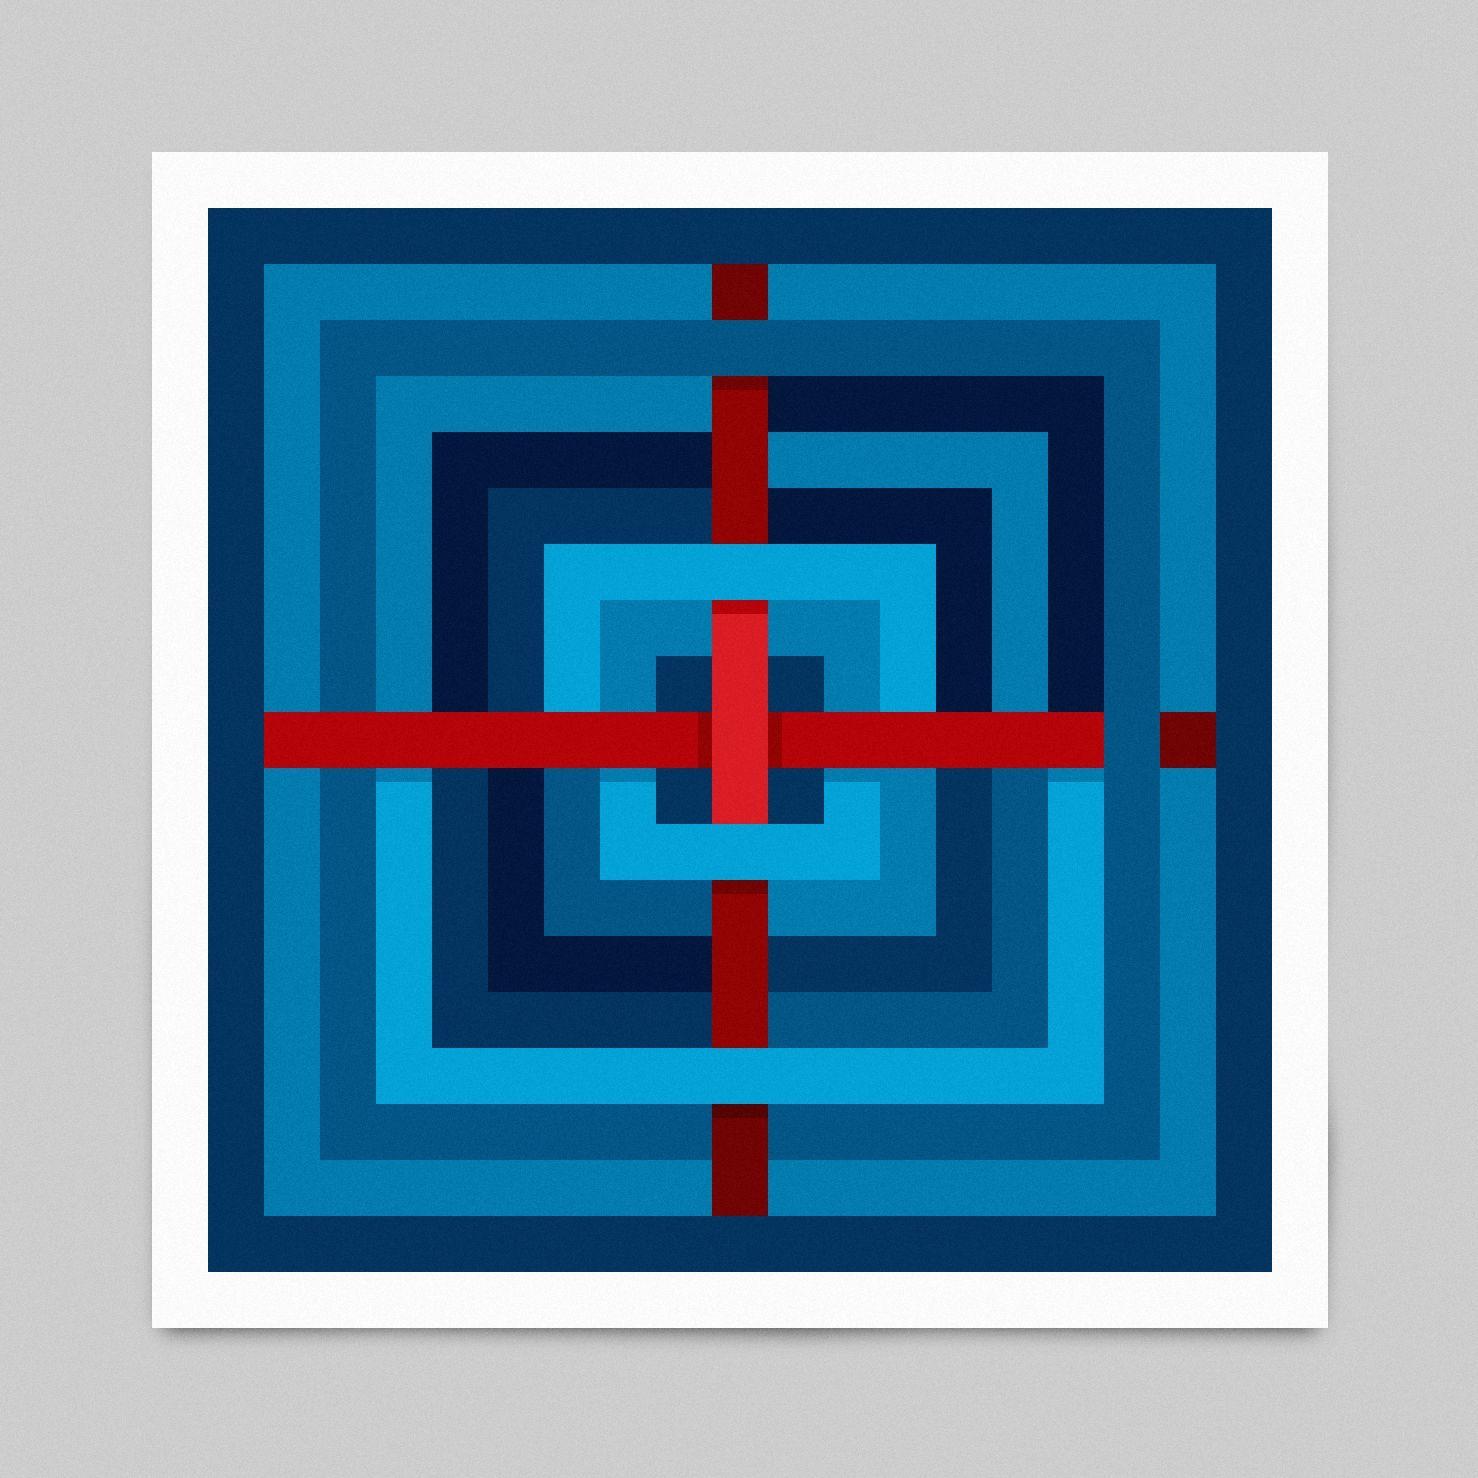 harper-Zirconic-1616551355873